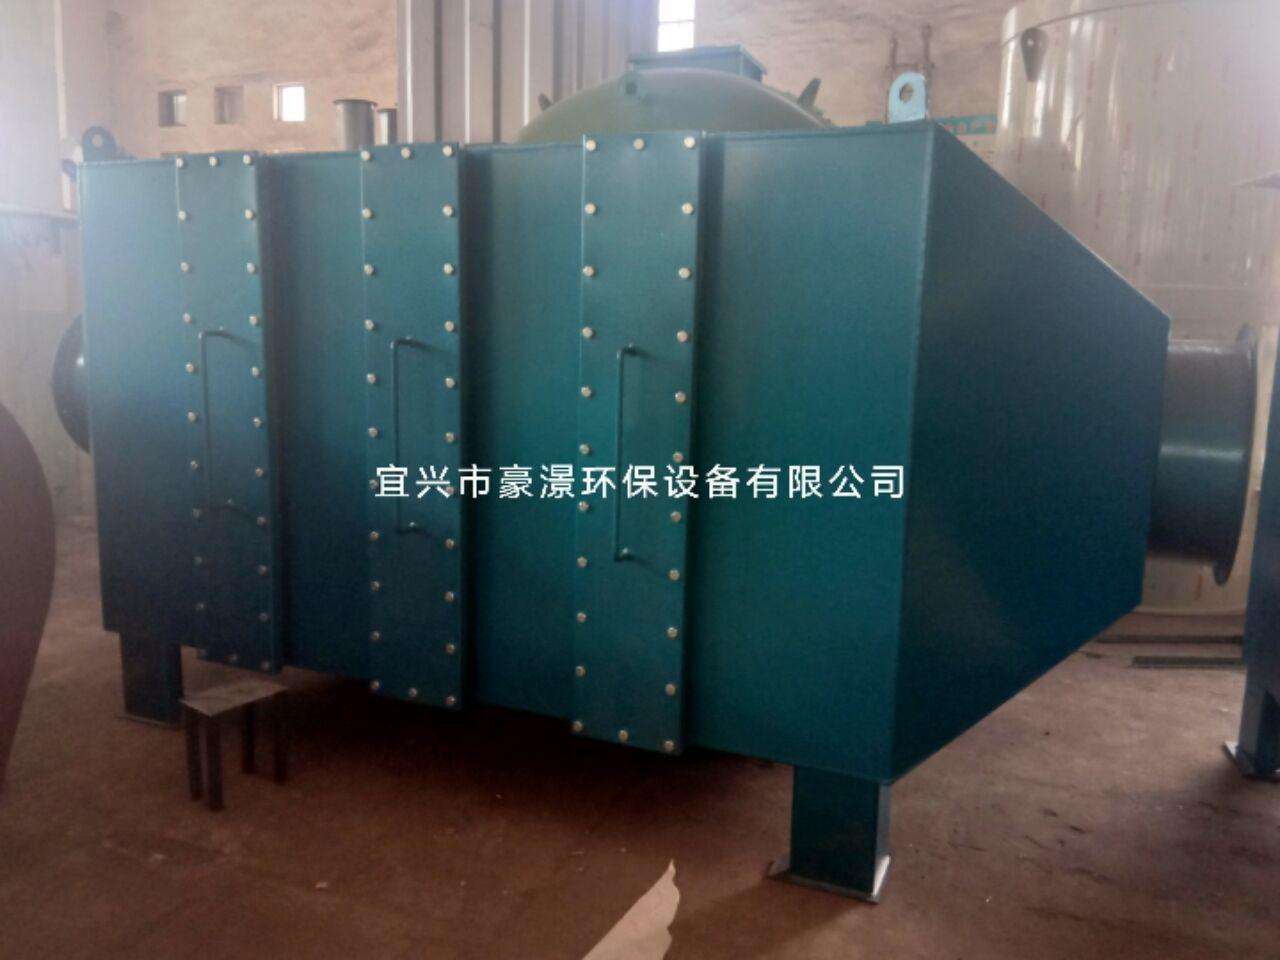 山東活性炭除臭設備青島活性炭吸附箱 2